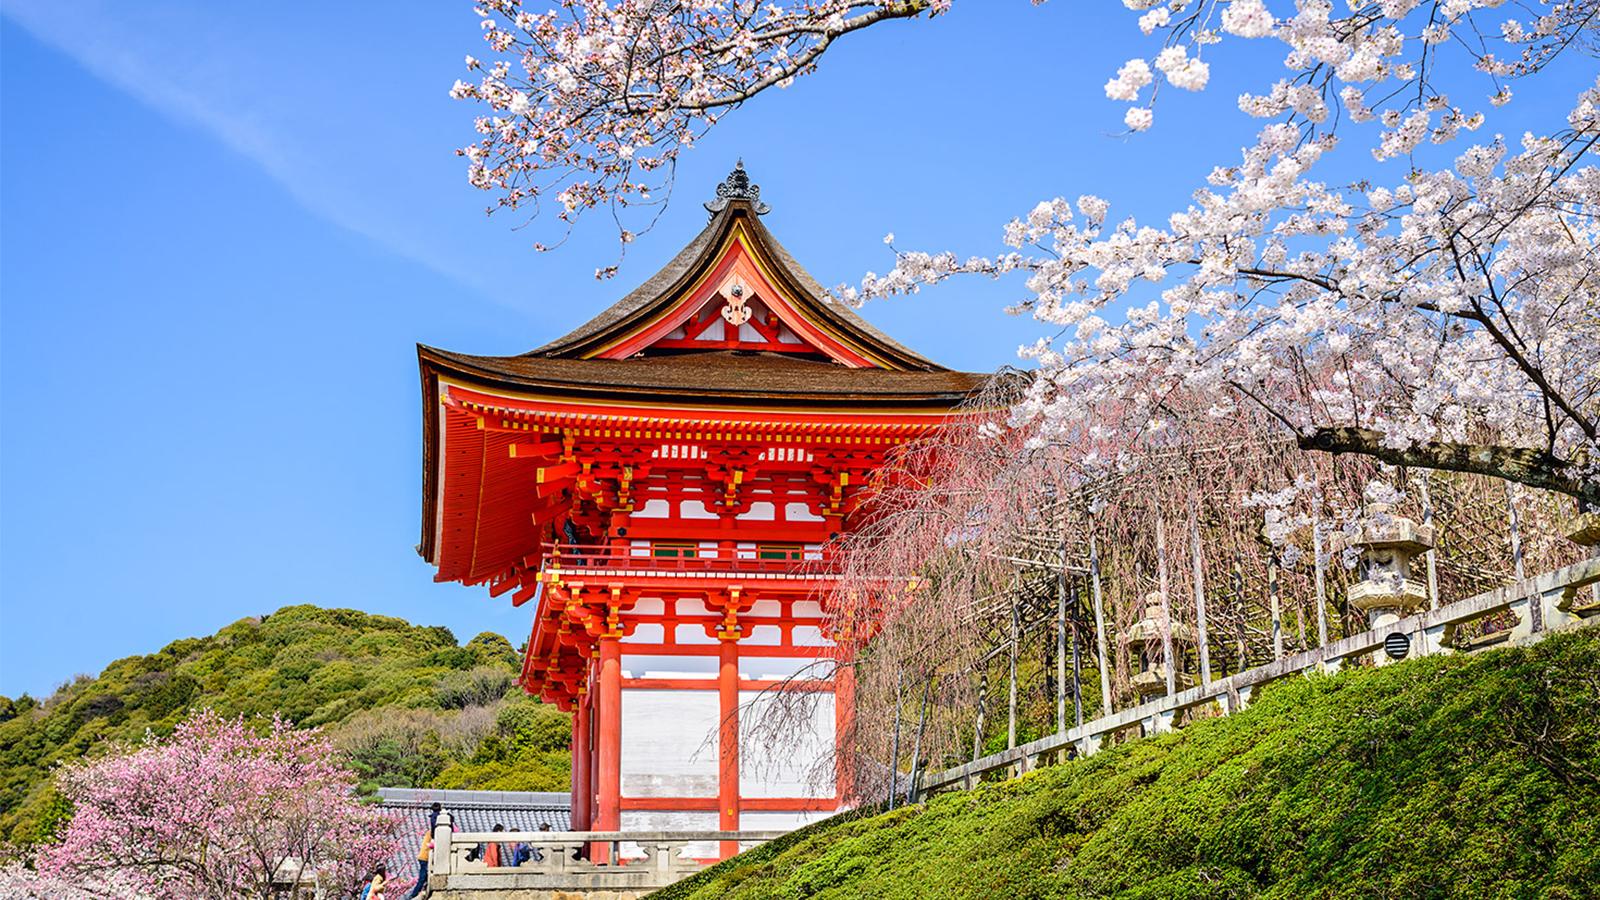 Kinh nghiệm du lịch Nhật Bản chi tiết nhất